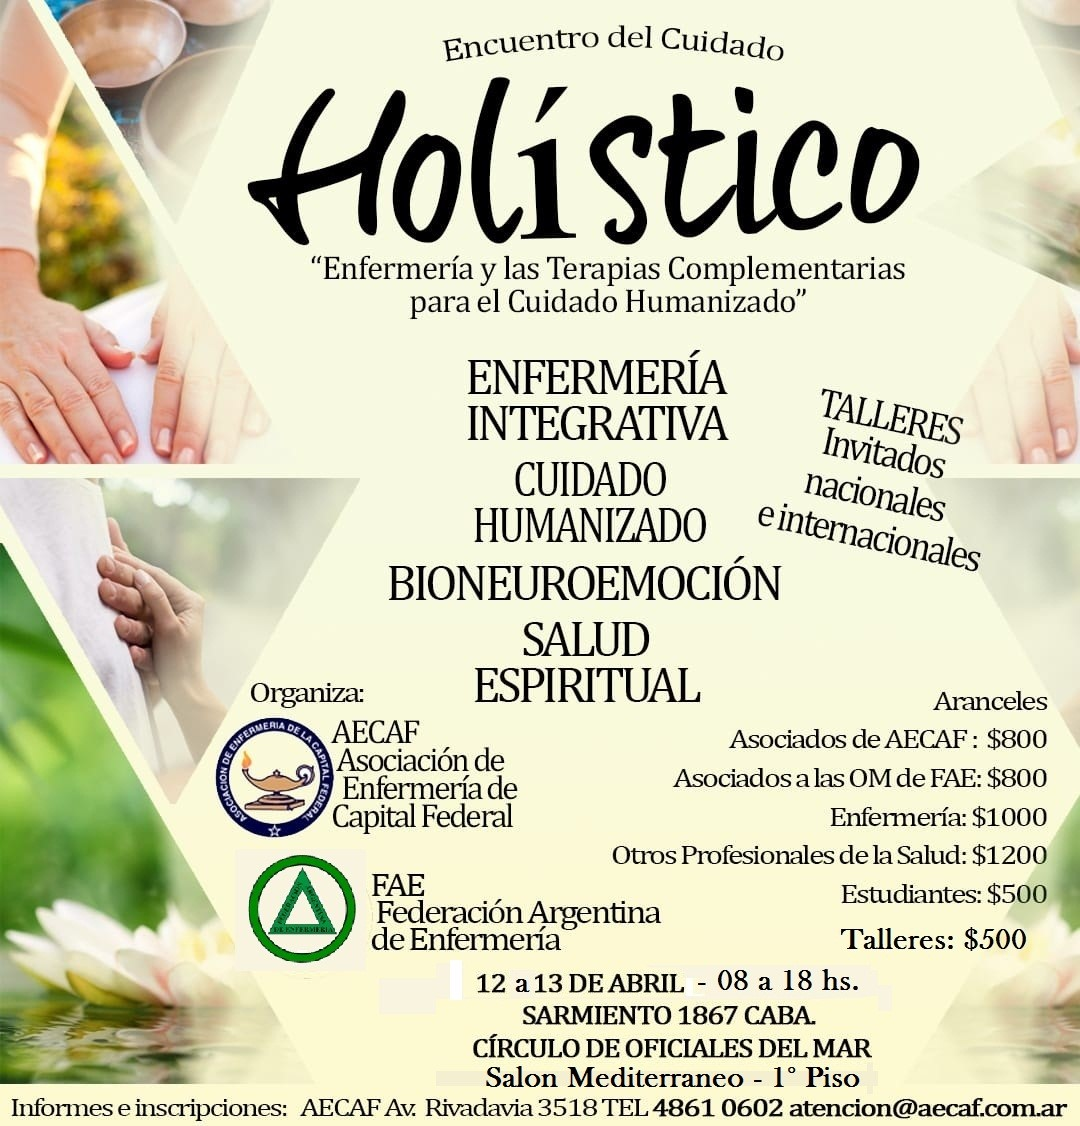 """Encuentro del Cuidado Holístico """"Enfermería y las Terapias Complementarias para el Cuidado Humanizado"""""""